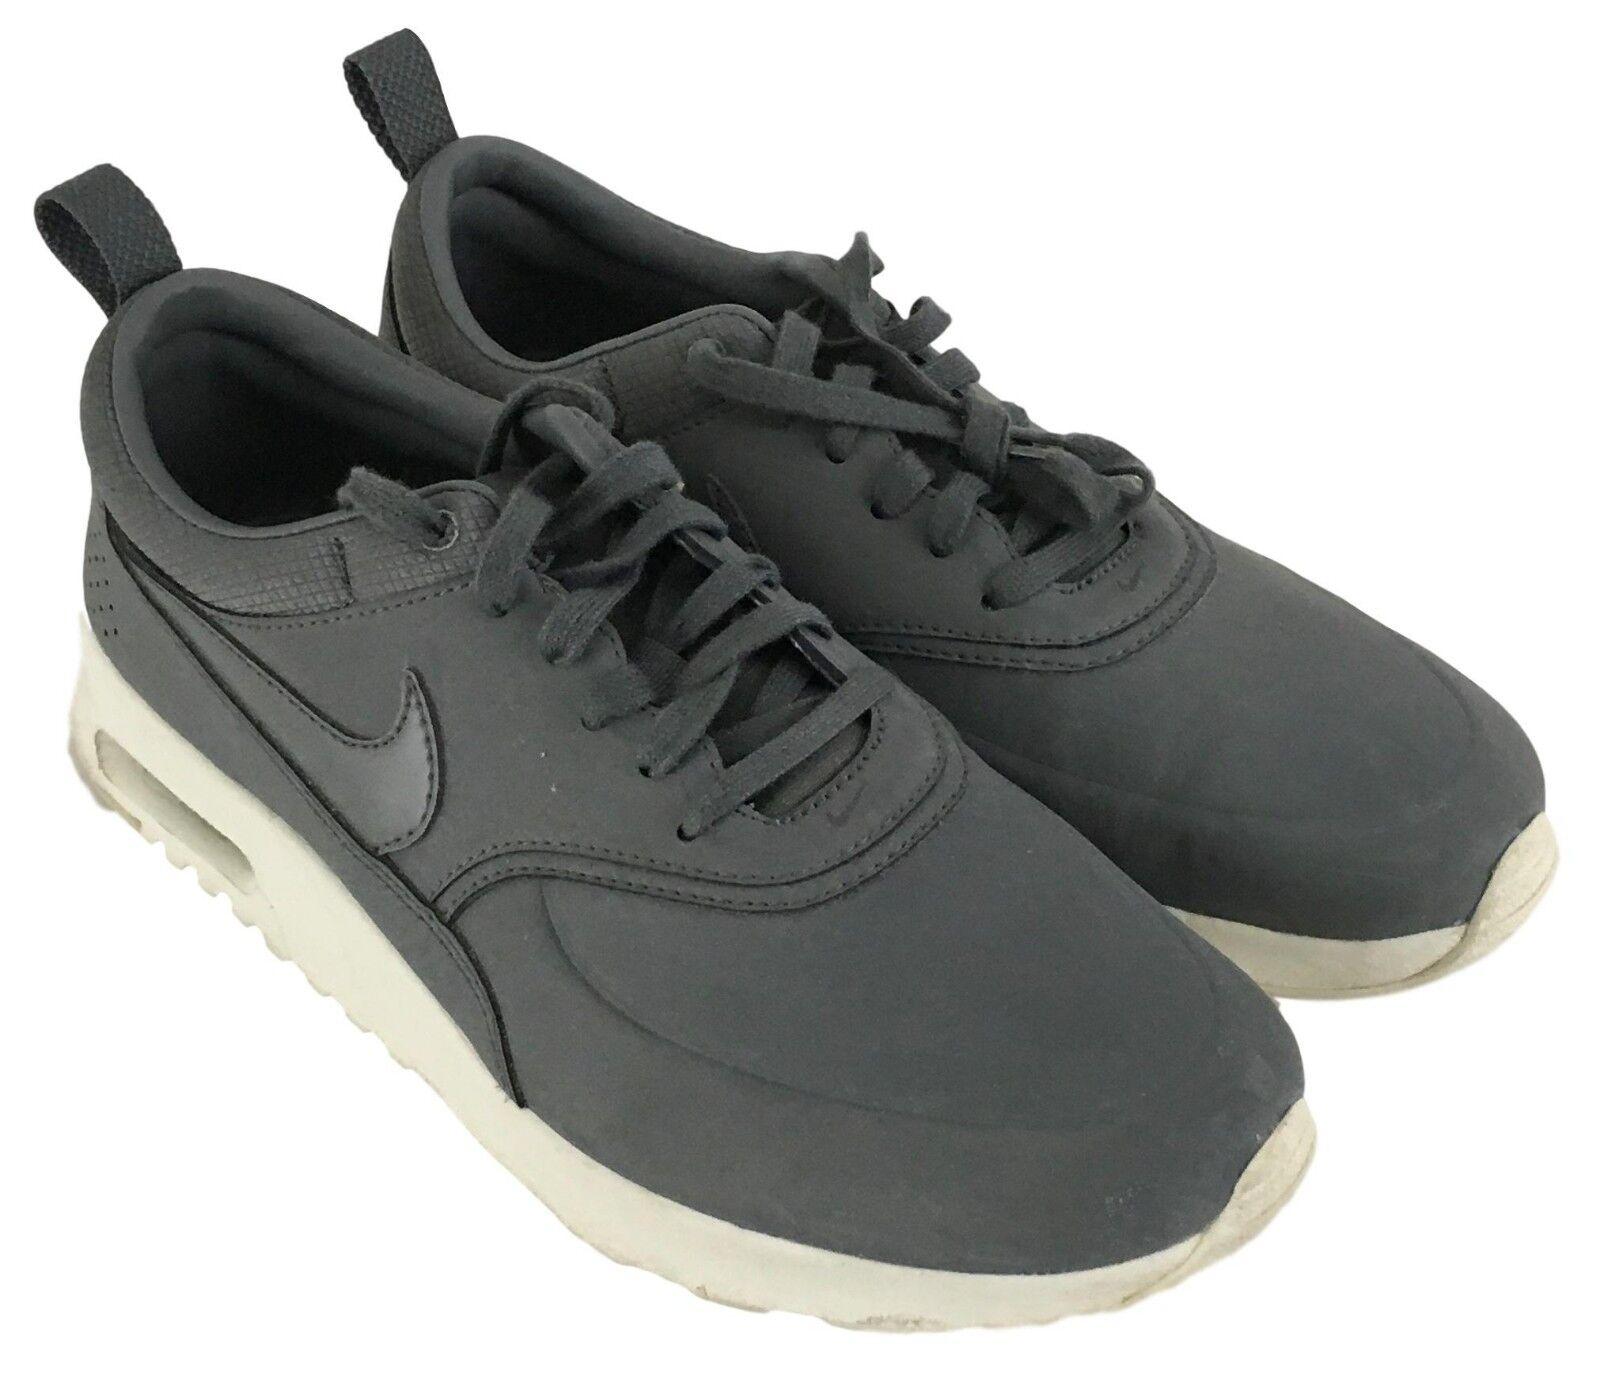 41488f81d2 50% off nike air max thea zapatos hombre gris pizarra zapatillas zapatos  thea cómodo casual